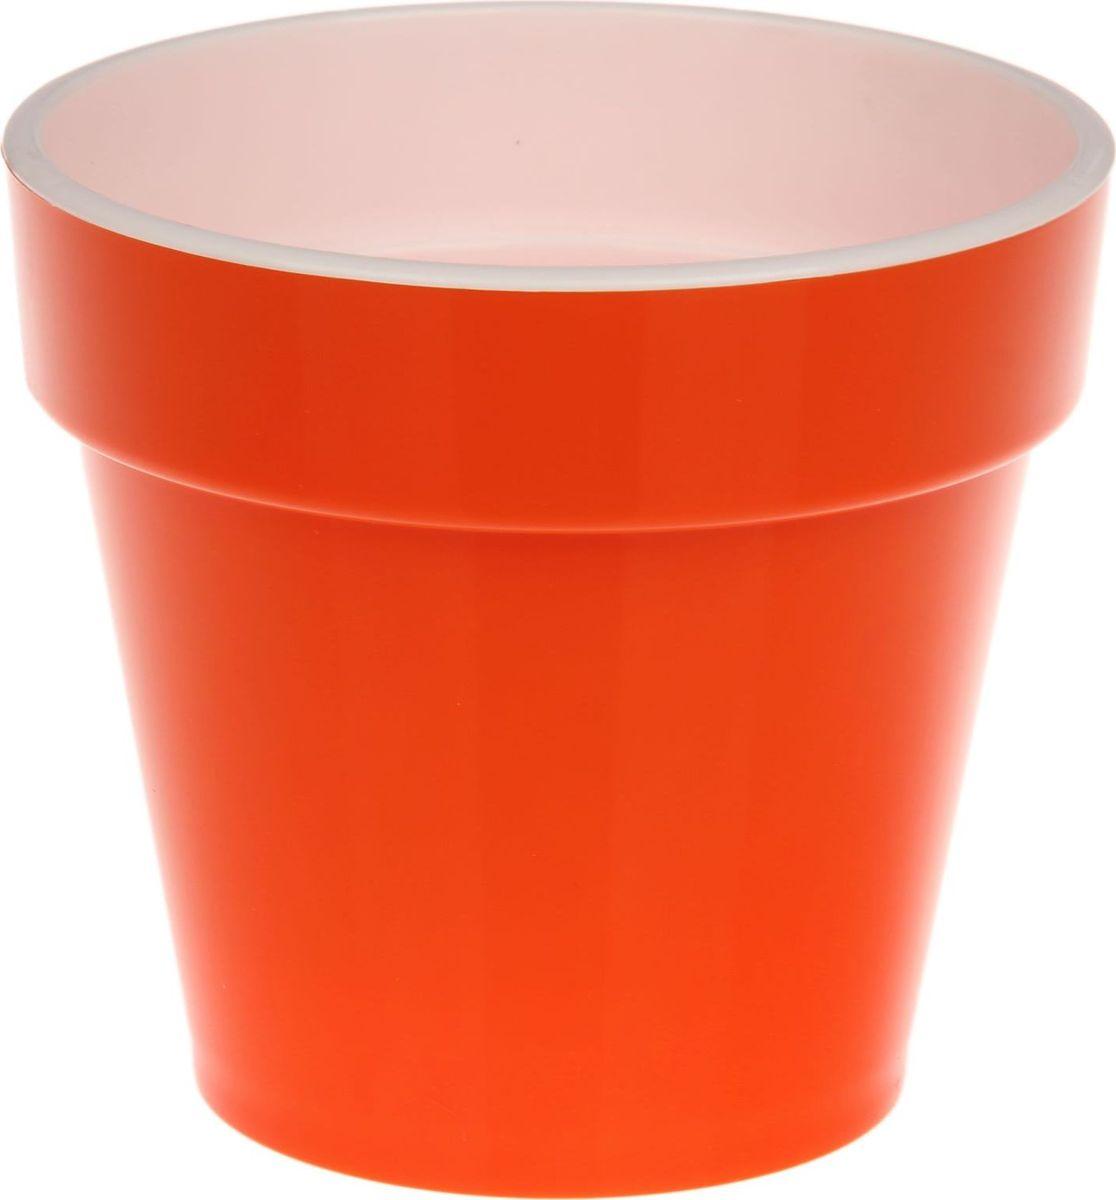 Кашпо JetPlast Порто, со вставкой, цвет: оранжевый, 2,4 л1010290Любой, даже самый современный и продуманный интерьер будет незавершённым без растений. Они не только очищают воздух и насыщают его кислородом, но и украшают окружающее пространство. Такому полезному члену семьи просто необходим красивый и функциональный дом! Мы предлагаем #name#! Оптимальный выбор материала — пластмасса! Почему мы так считаем?Малый вес. С лёгкостью переносите горшки и кашпо с места на место, ставьте их на столики или полки, не беспокоясь о нагрузке. Простота ухода. Кашпо не нуждается в специальных условиях хранения. Его легко чистить — достаточно просто сполоснуть тёплой водой. Никаких потёртостей. Такие кашпо не царапают и не загрязняют поверхности, на которых стоят. Пластик дольше хранит влагу, а значит, растение реже нуждается в поливе. Пластмасса не пропускает воздух — корневой системе растения не грозят резкие перепады температур. Огромный выбор форм, декора и расцветок — вы без труда найдёте что-то, что идеально впишется в уже существующий интерьер. Соблюдая нехитрые правила ухода, вы можете заметно продлить срок службы горшков и кашпо из пластика:всегда учитывайте размер кроны и корневой системы (при разрастании большое растение способно повредить маленький горшок)берегите изделие от воздействия прямых солнечных лучей, чтобы горшки не выцветалидержите кашпо из пластика подальше от нагревающихся поверхностей. Создавайте прекрасные цветочные композиции, выращивайте рассаду или необычные растения.